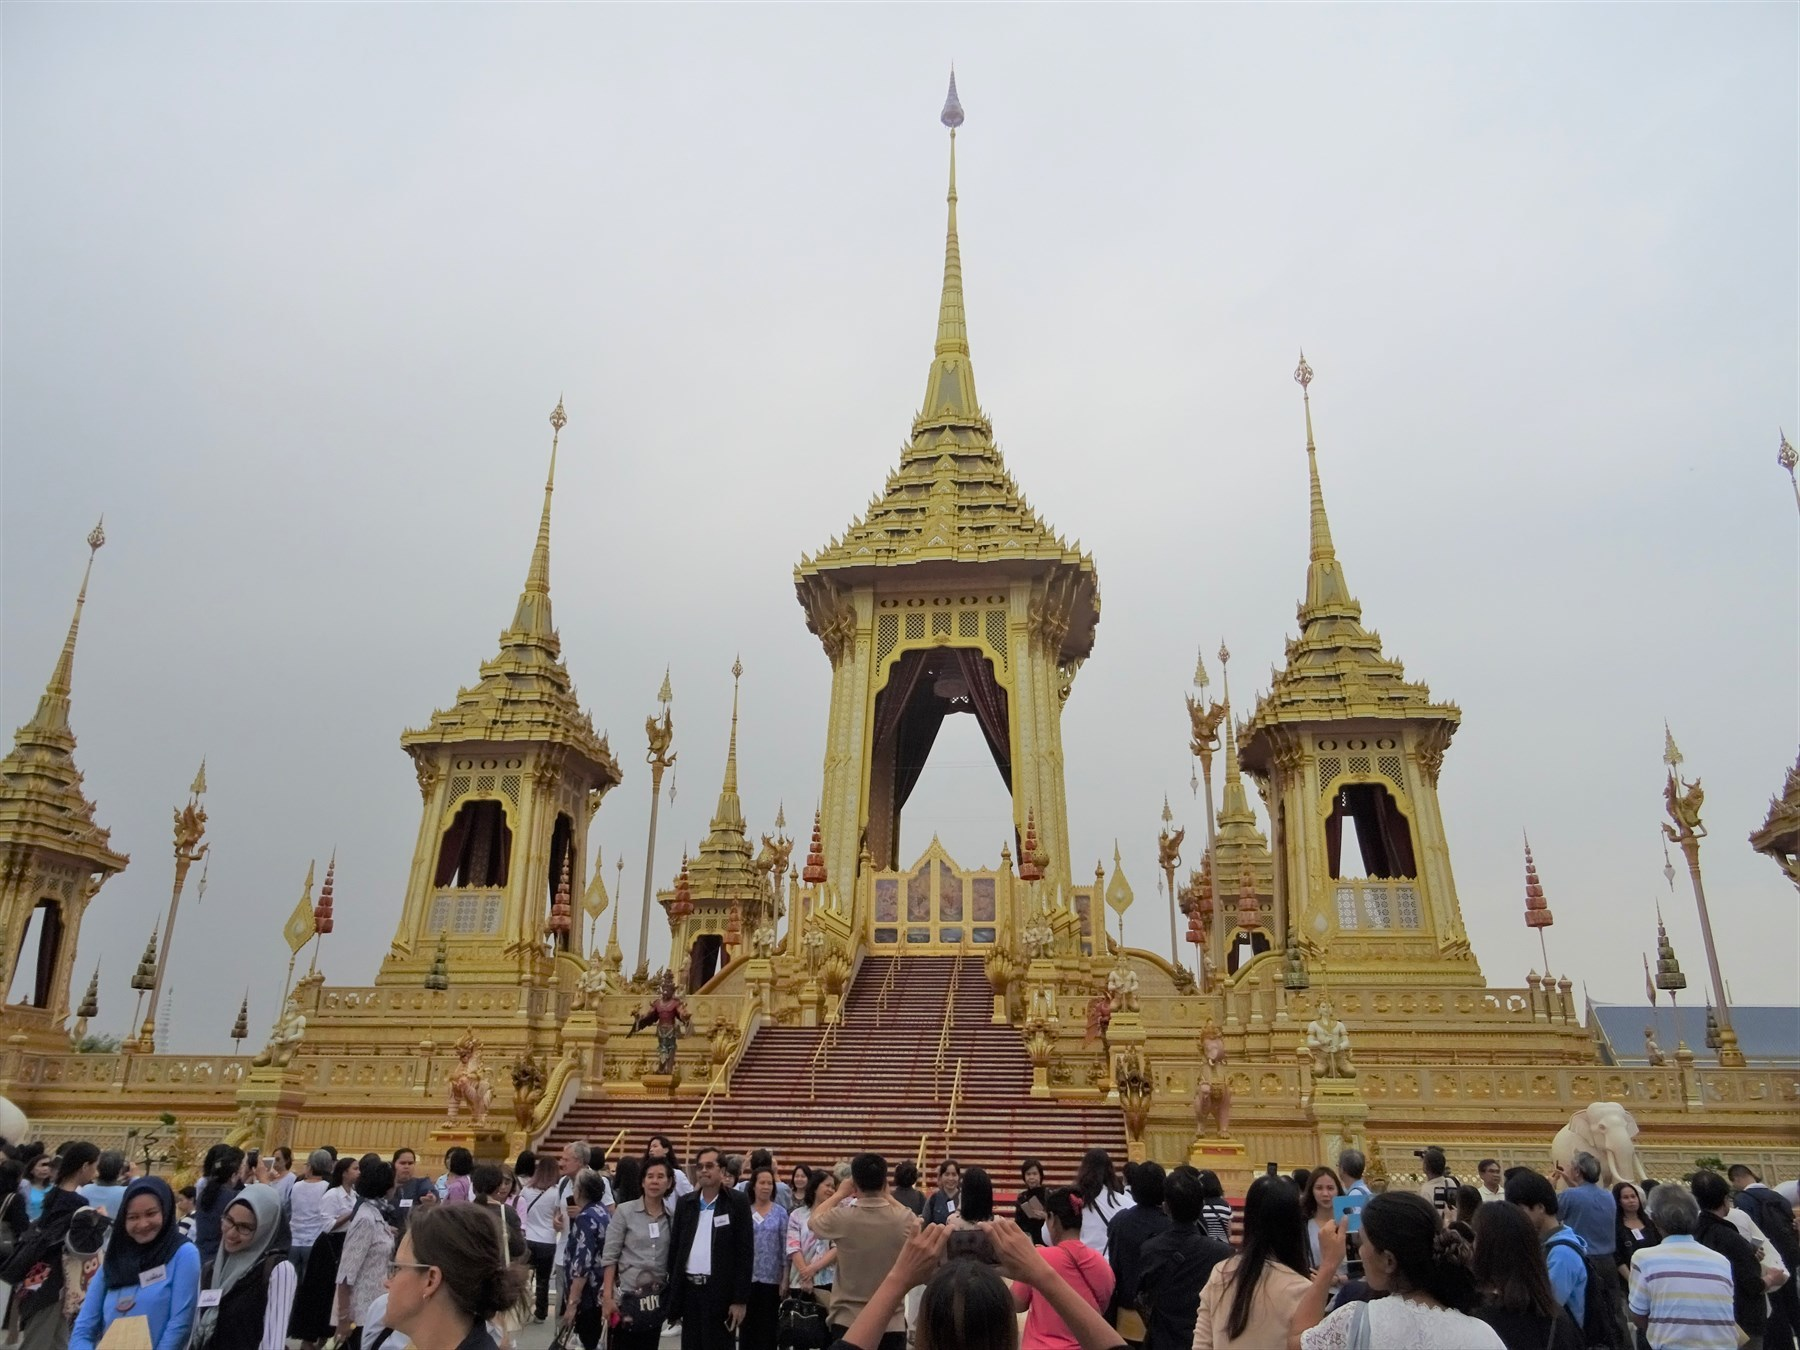 歴代国王の祭壇で最も大きい